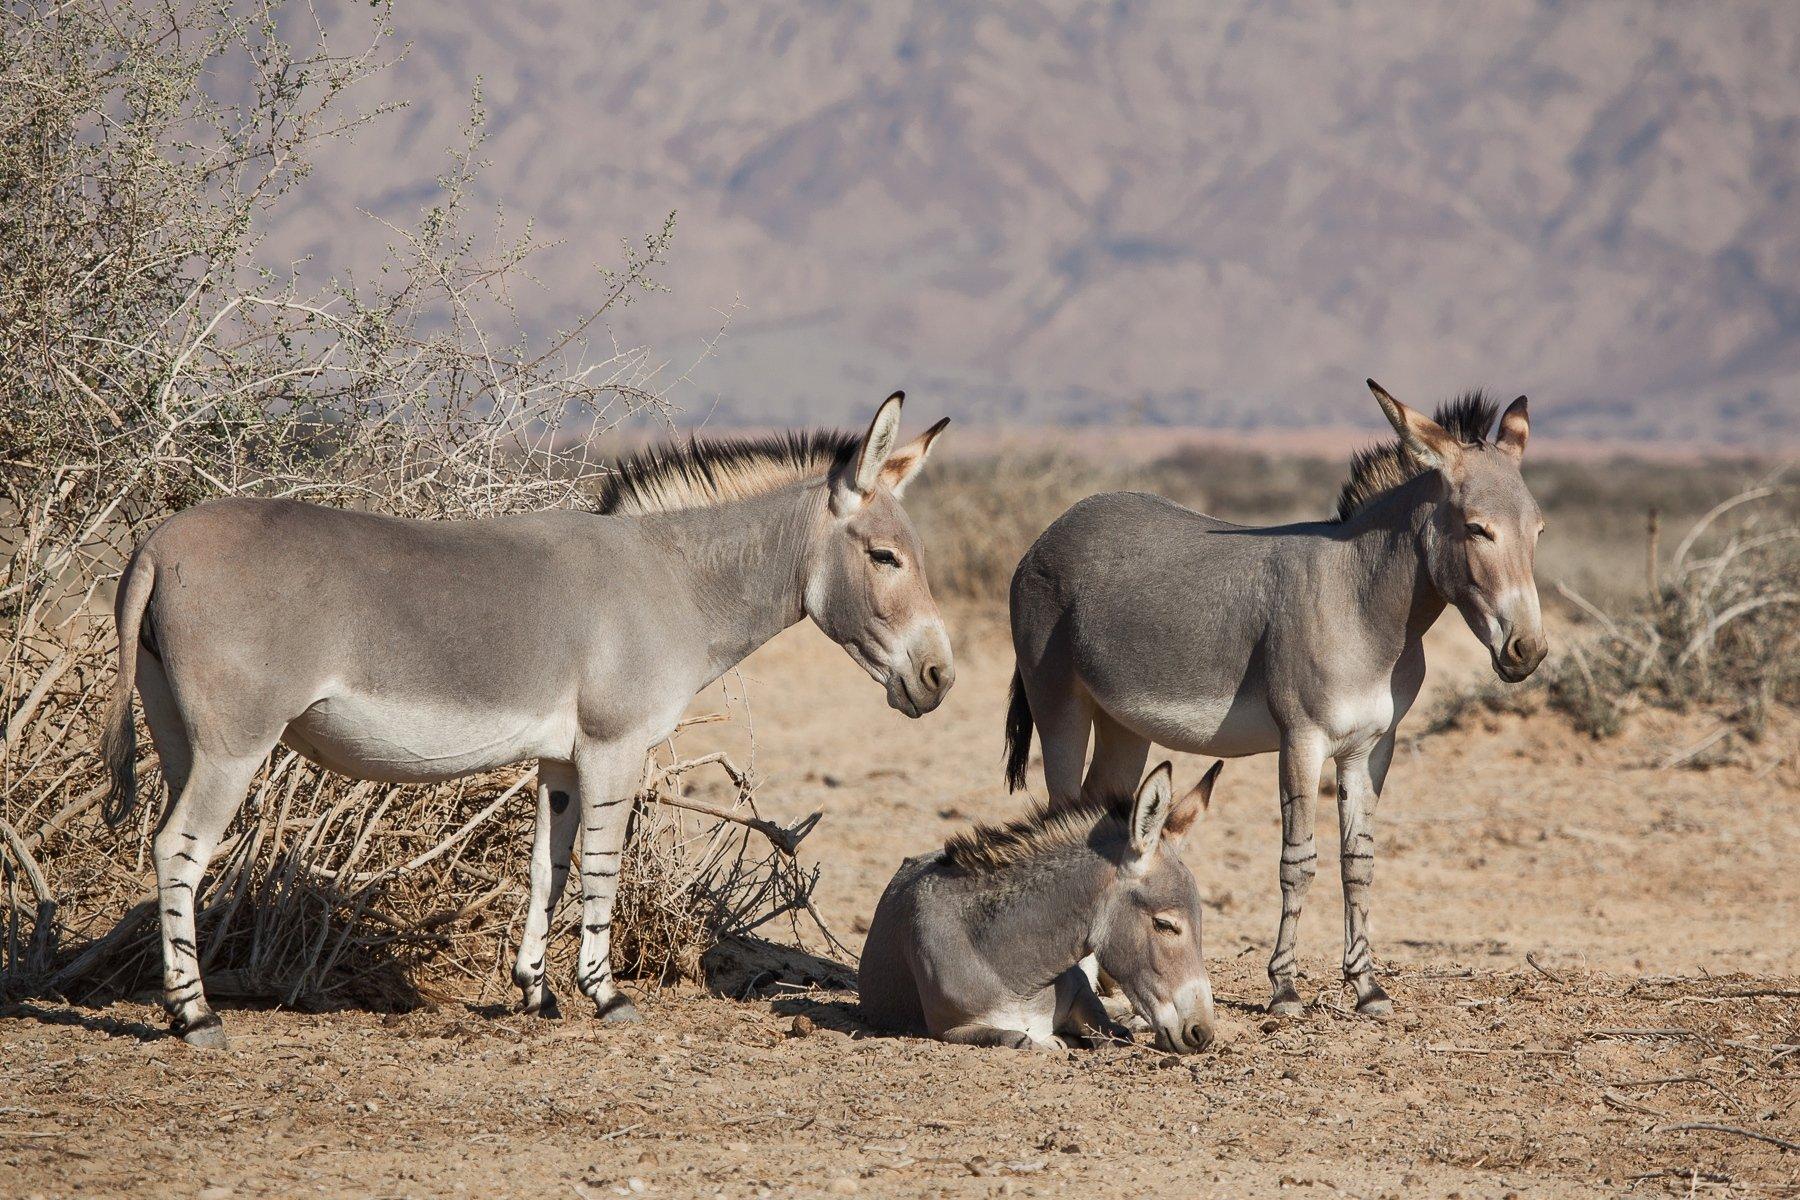 Животные, Зебры, Израиль, Природа, Пустыня, Наталья Рублина